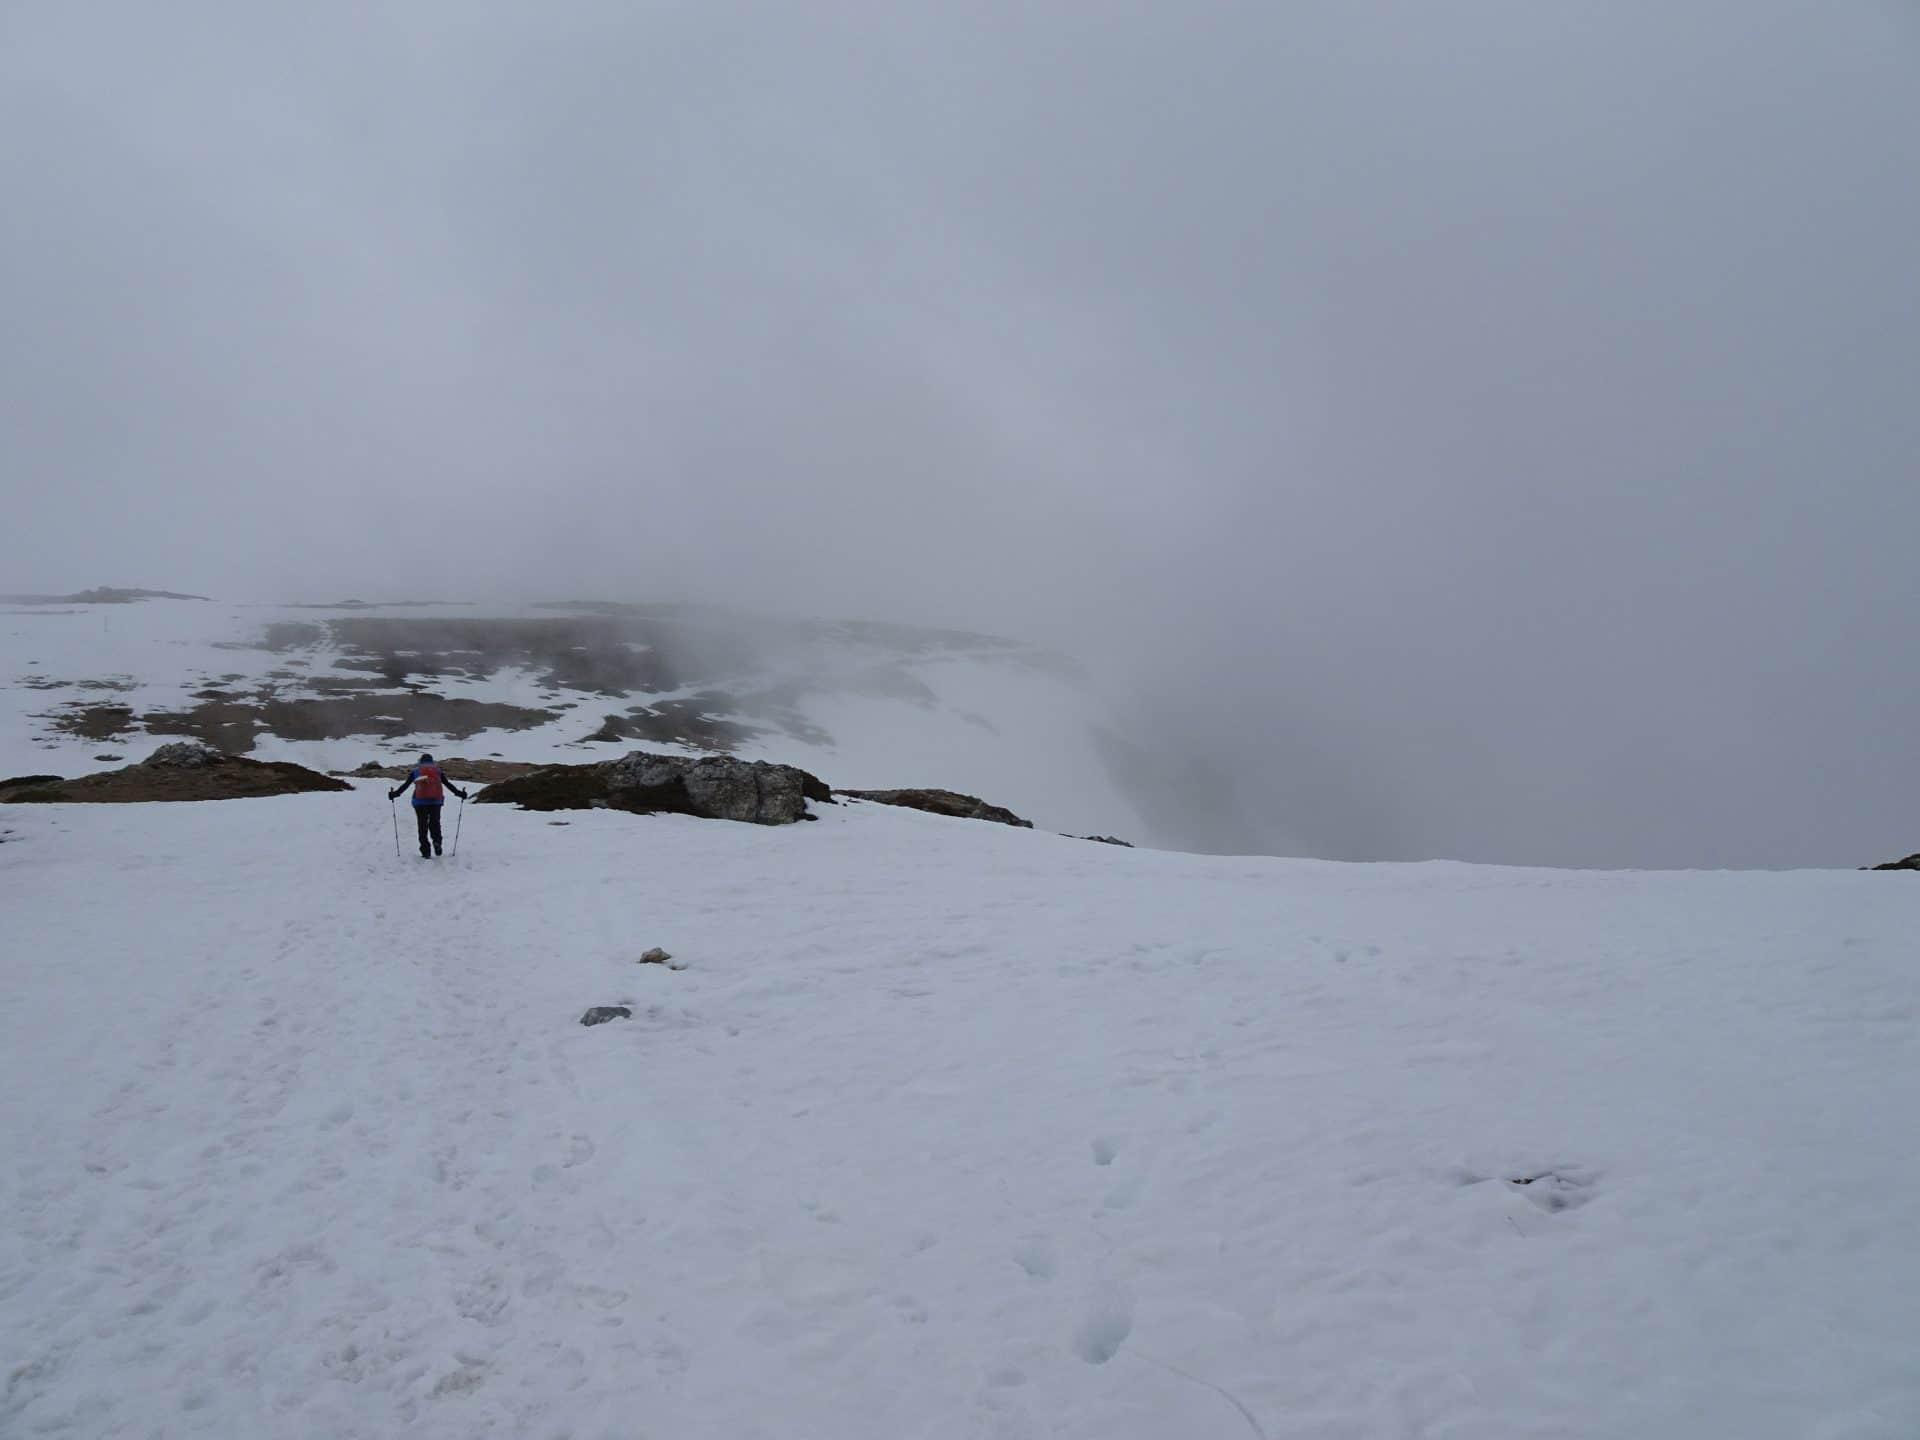 randonnée neige 7 lacs